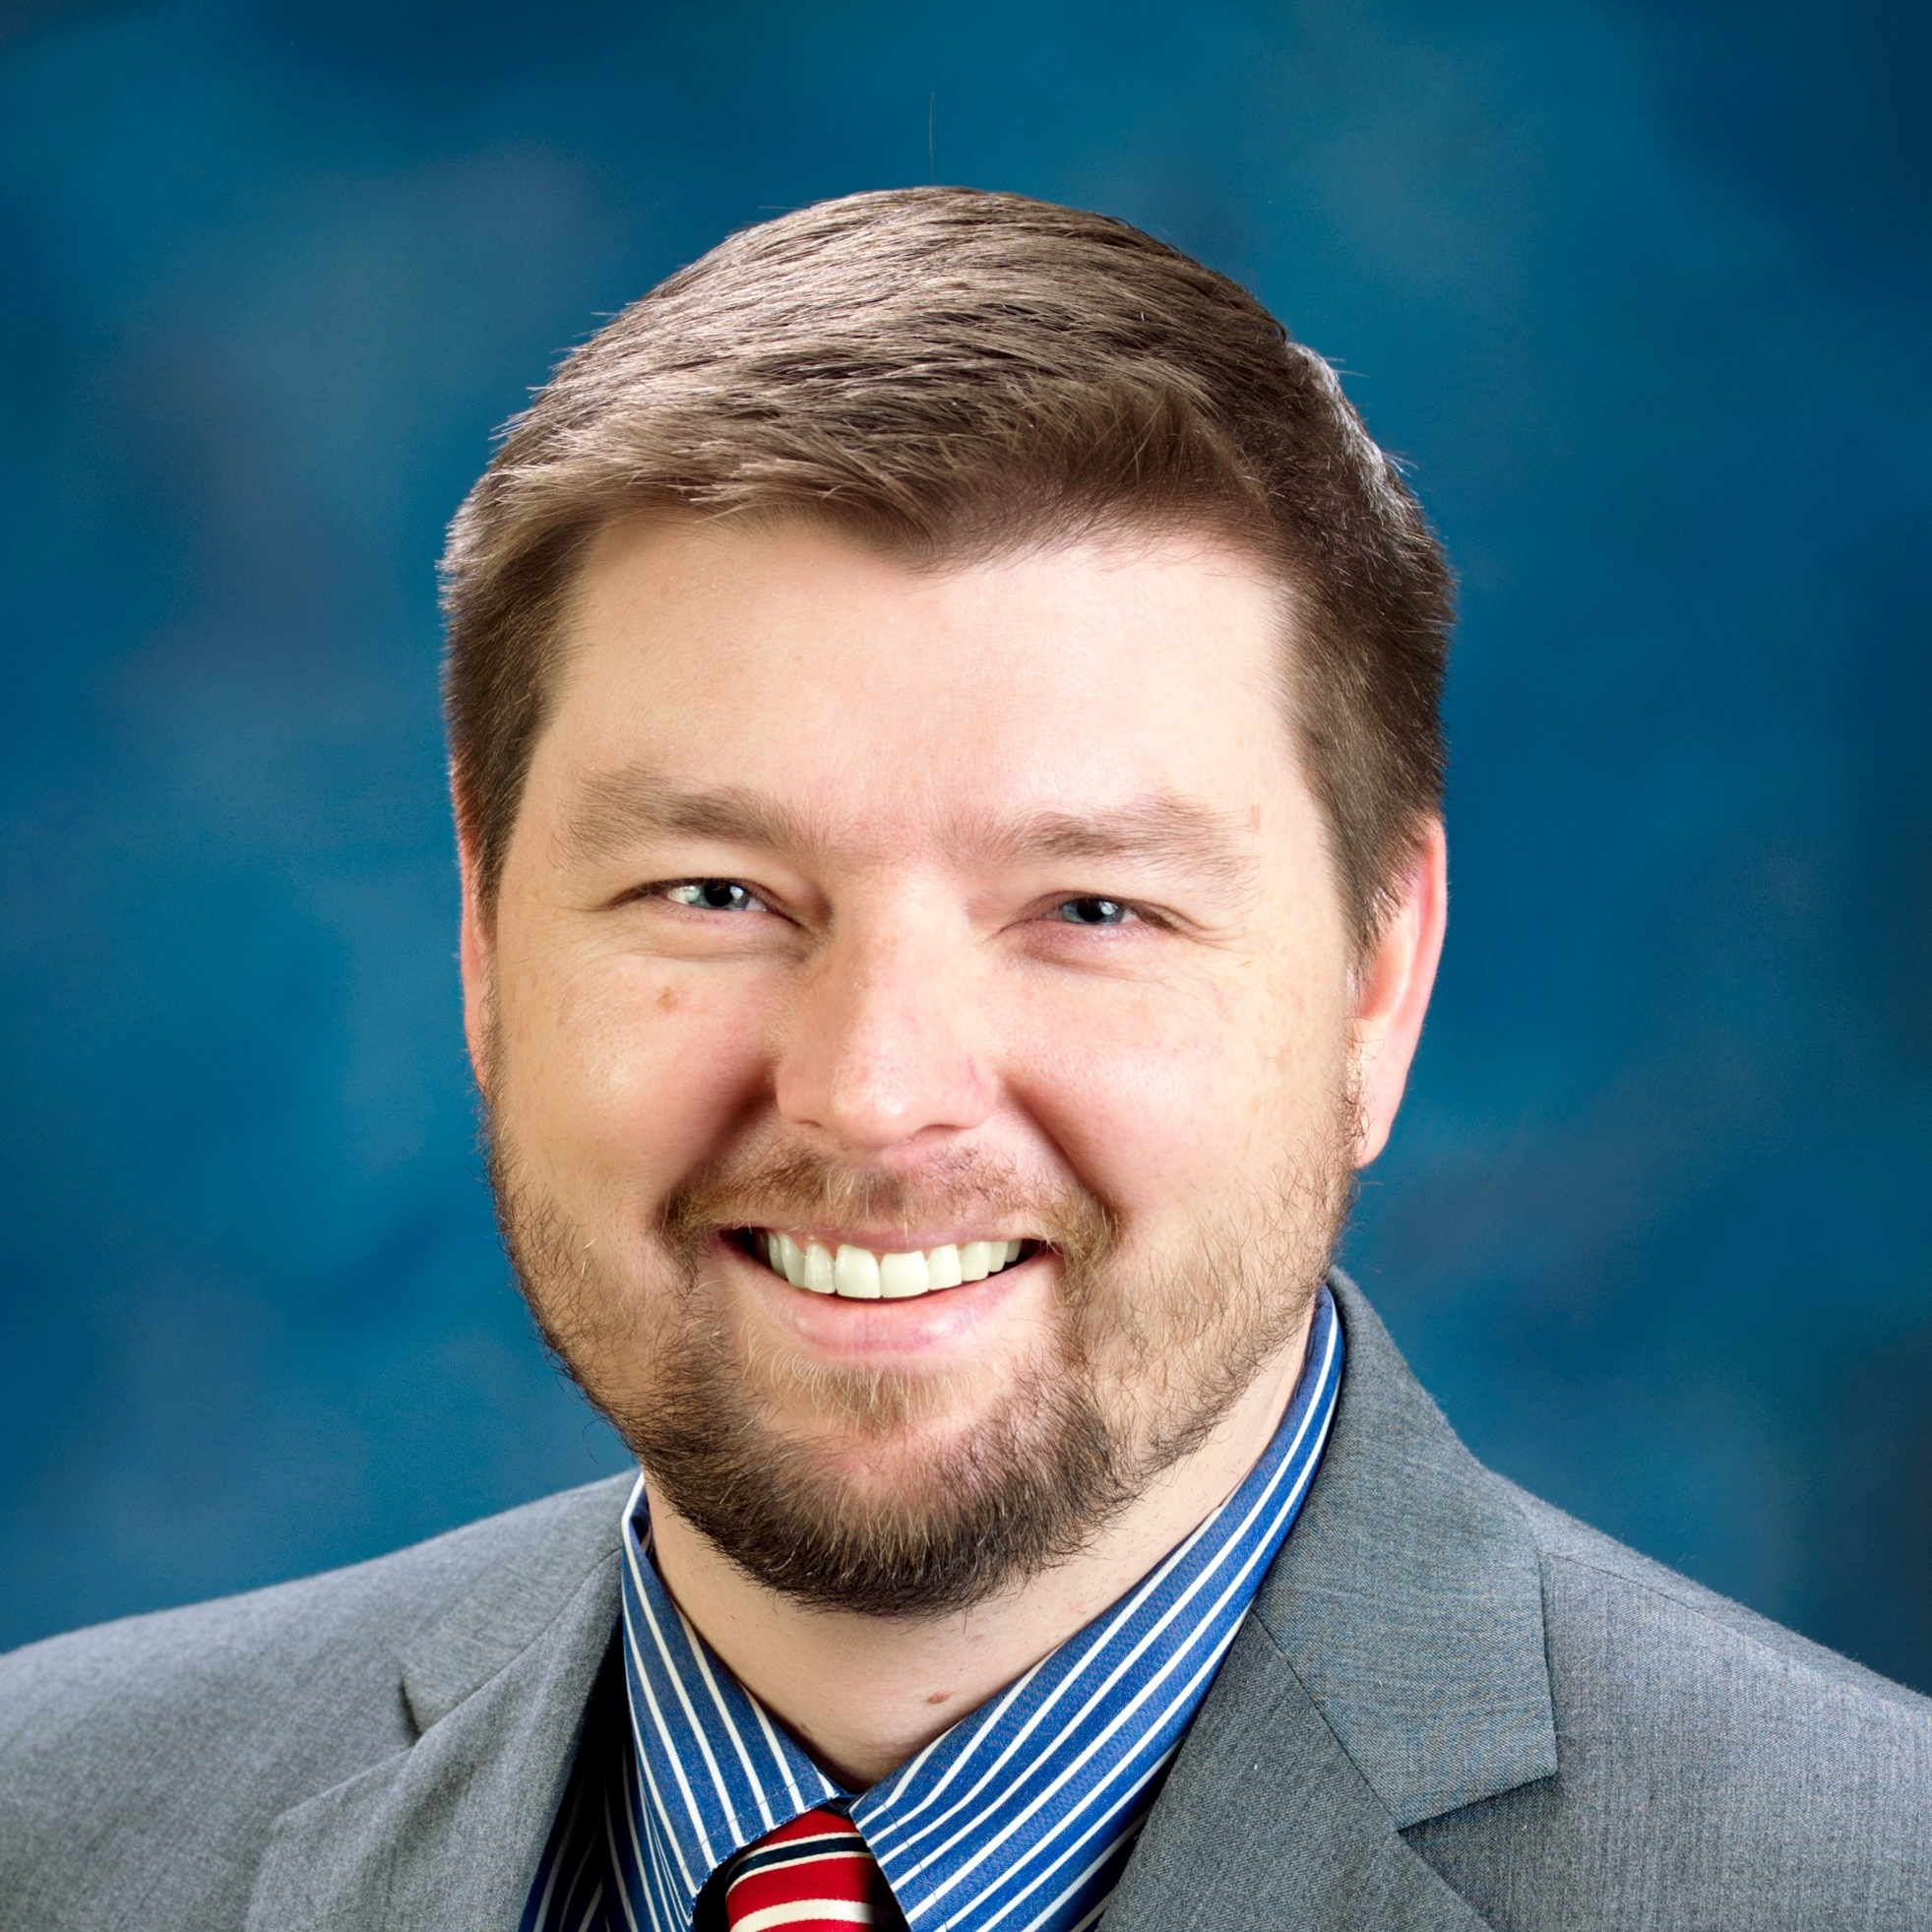 David Prelle Eron